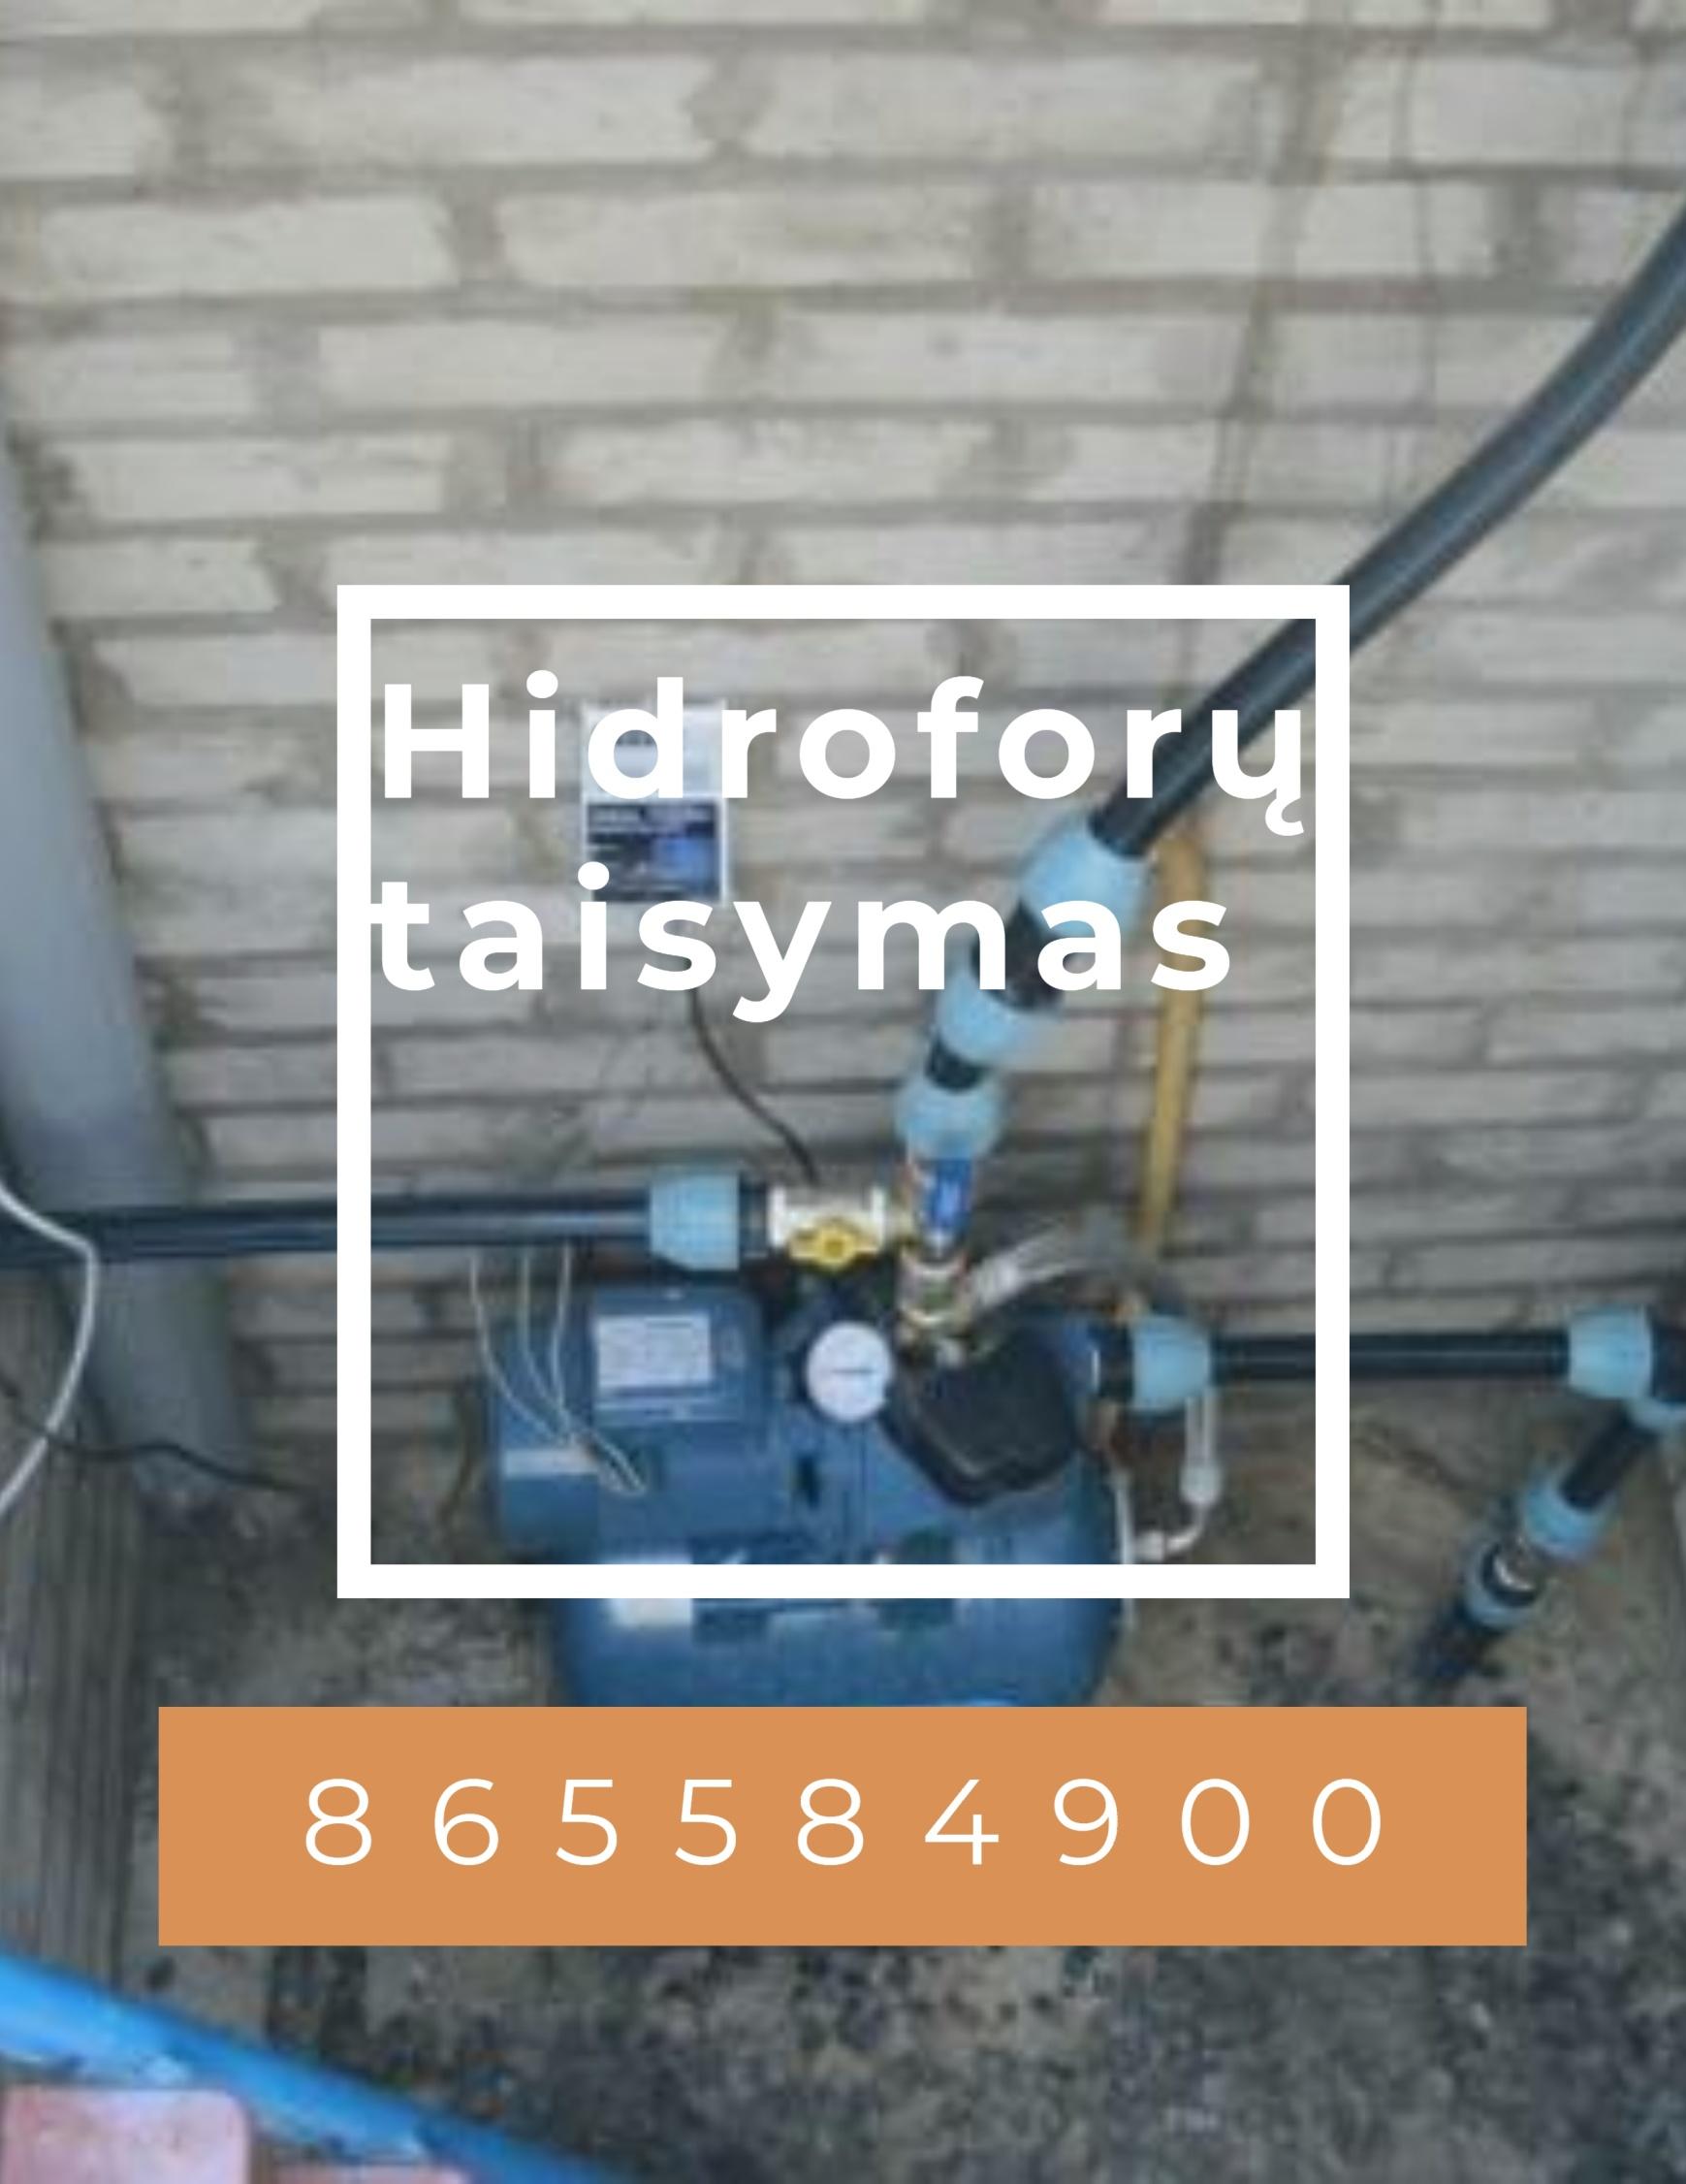 Hidroforų taisymas Garliavoje.jpg